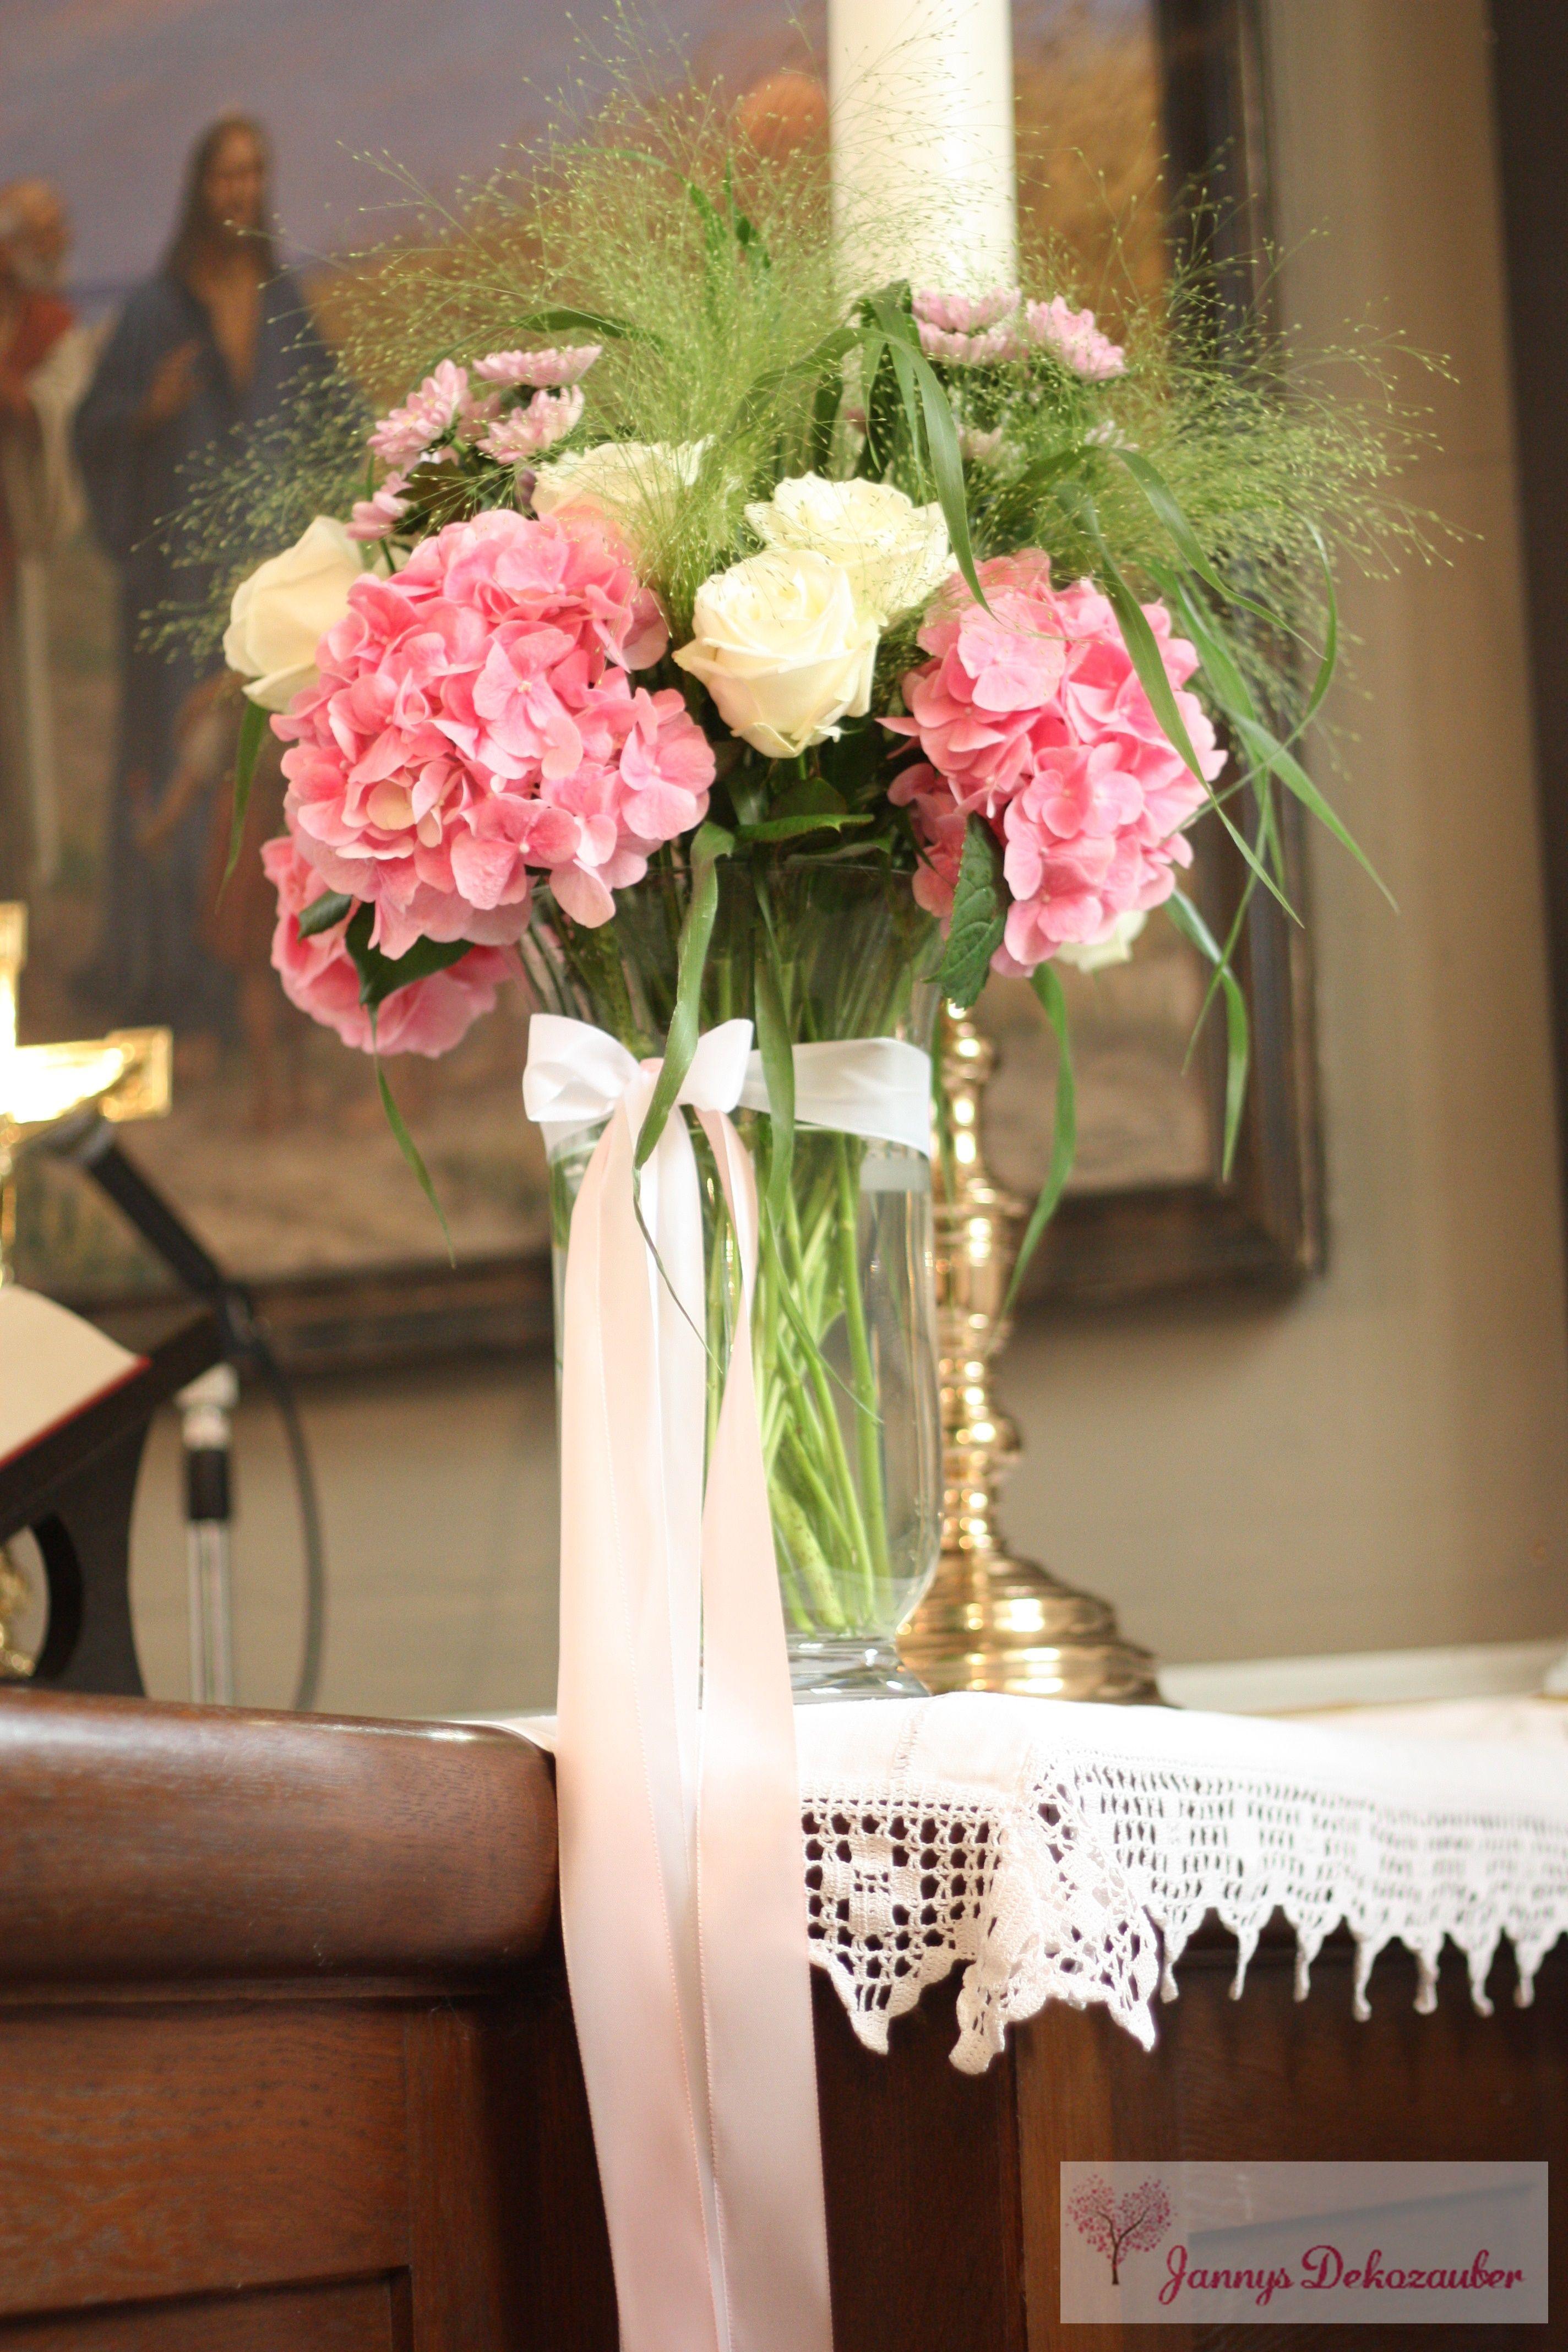 kirchendeko blumen vase altar rosa wei hochzeitsdeko tischdeko hochzeit individuell hangemacht. Black Bedroom Furniture Sets. Home Design Ideas